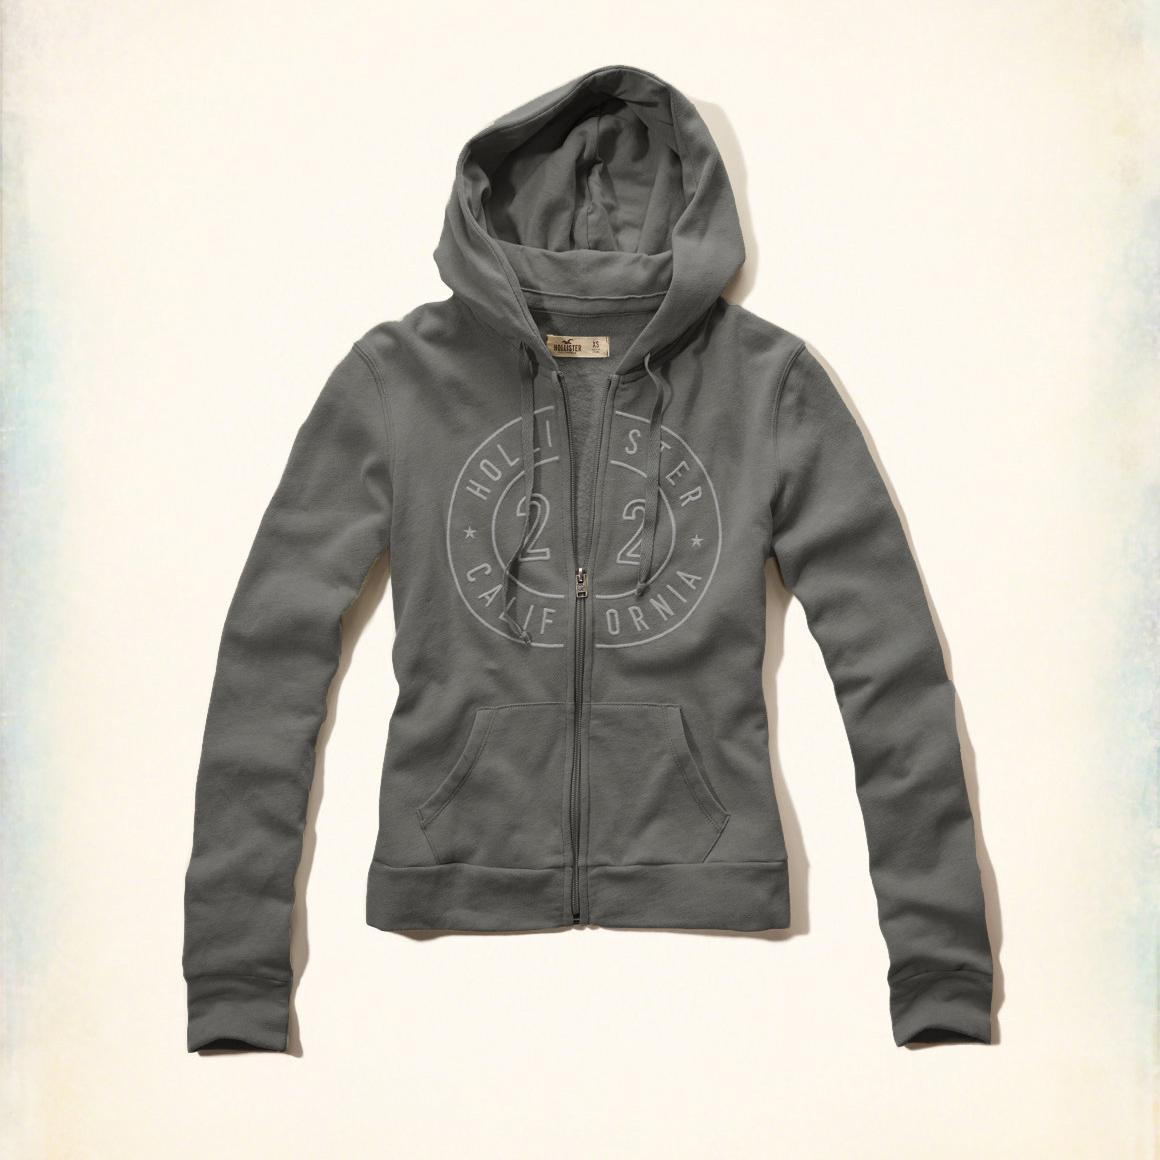 美國百分百【全新真品】Hollister Co. 外套 HCO 連帽 長袖 夾克 海鷗 刷毛 灰色 女 特價 XS S M號 F822